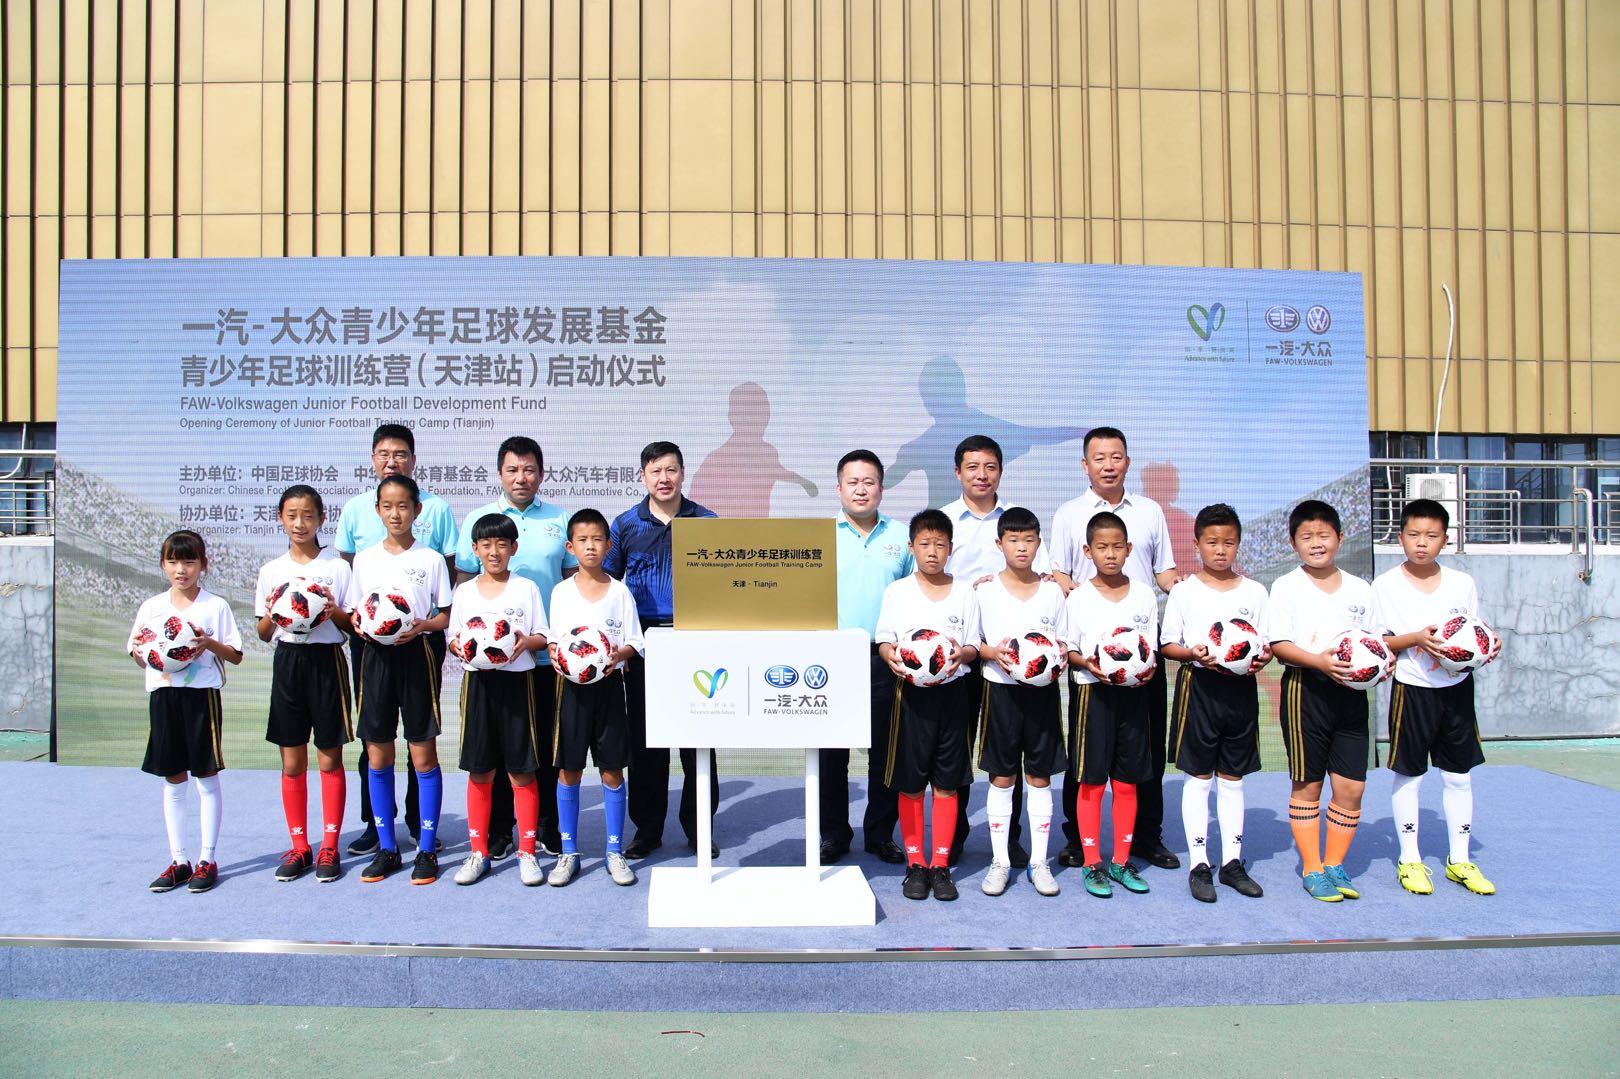 一汽-大众青少年足球训练营天津站开营